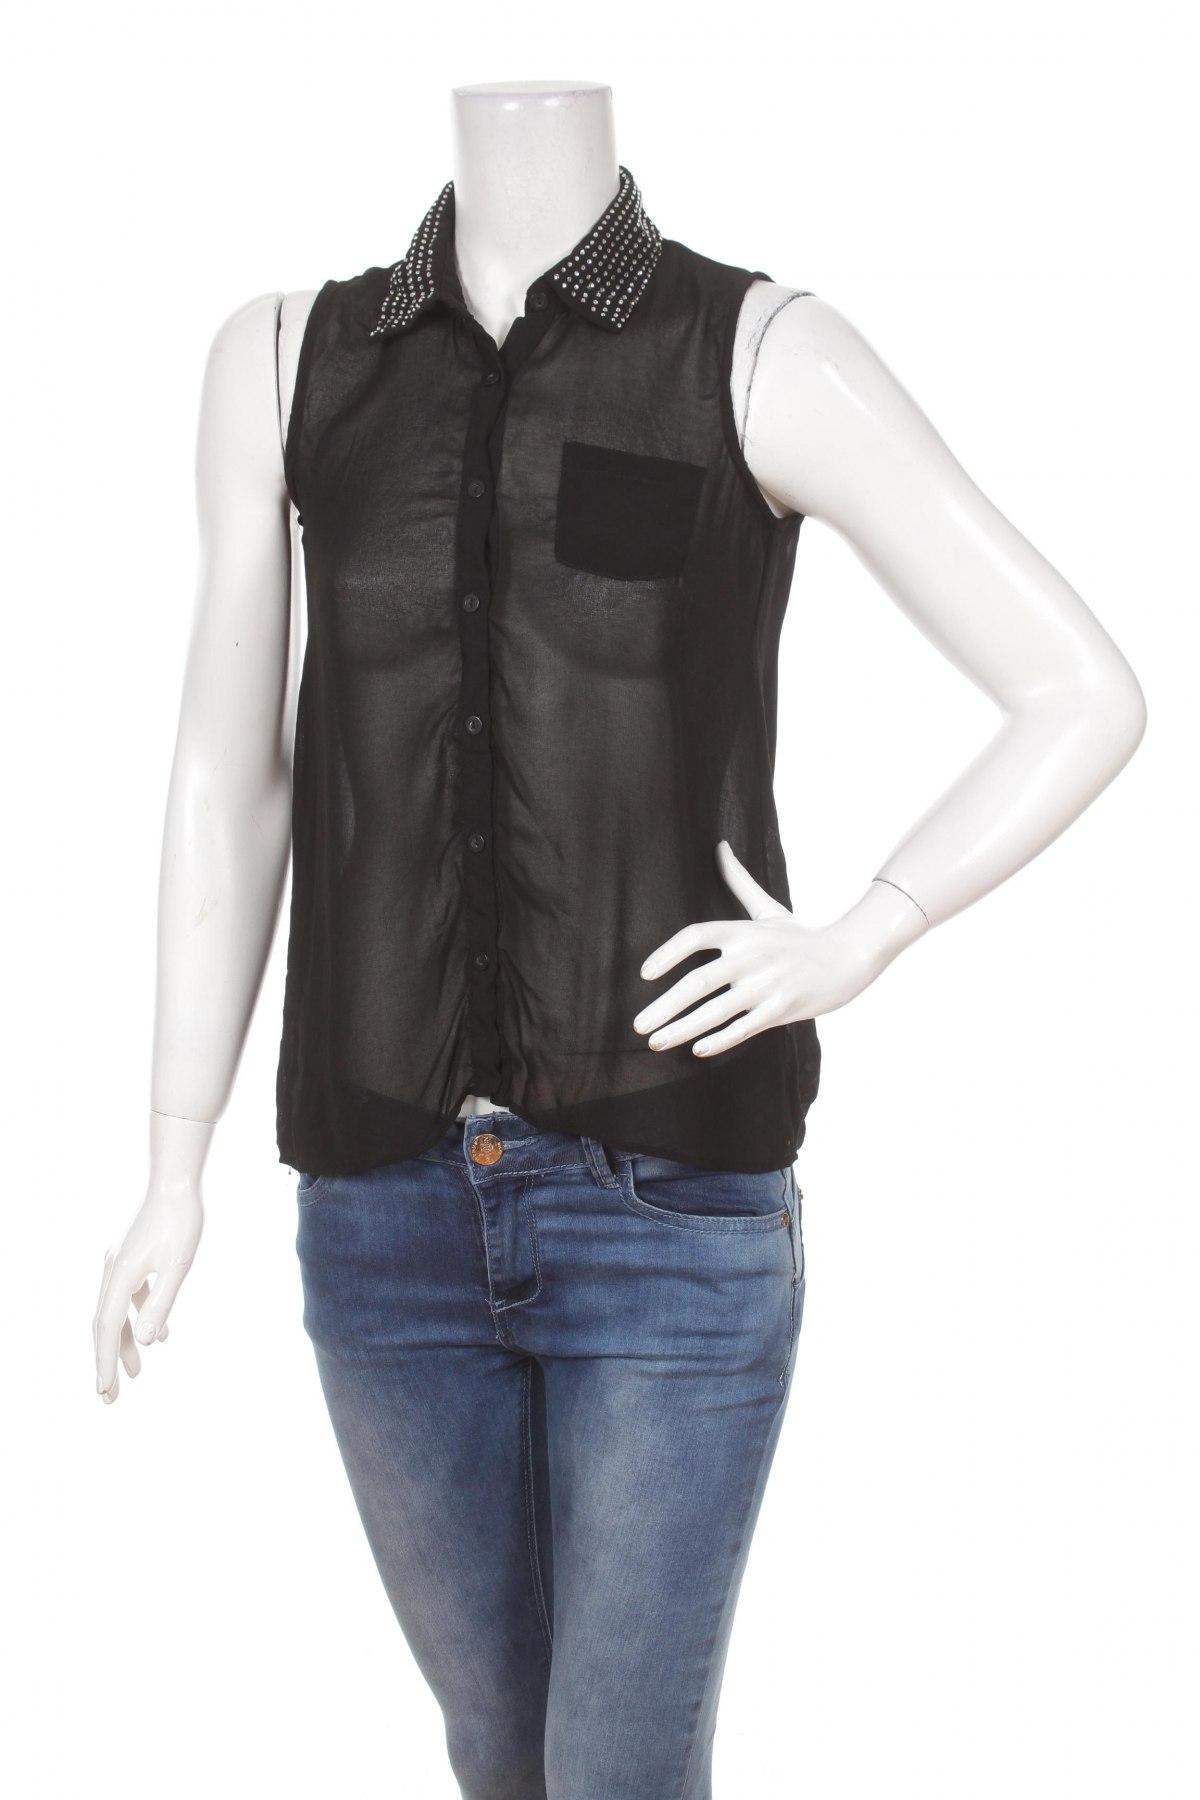 Γυναικείο πουκάμισο Monteau, Μέγεθος S, Χρώμα Μαύρο, 78% πολυεστέρας, 18% βισκόζη, 4% ελαστάνη, Τιμή 9,28€